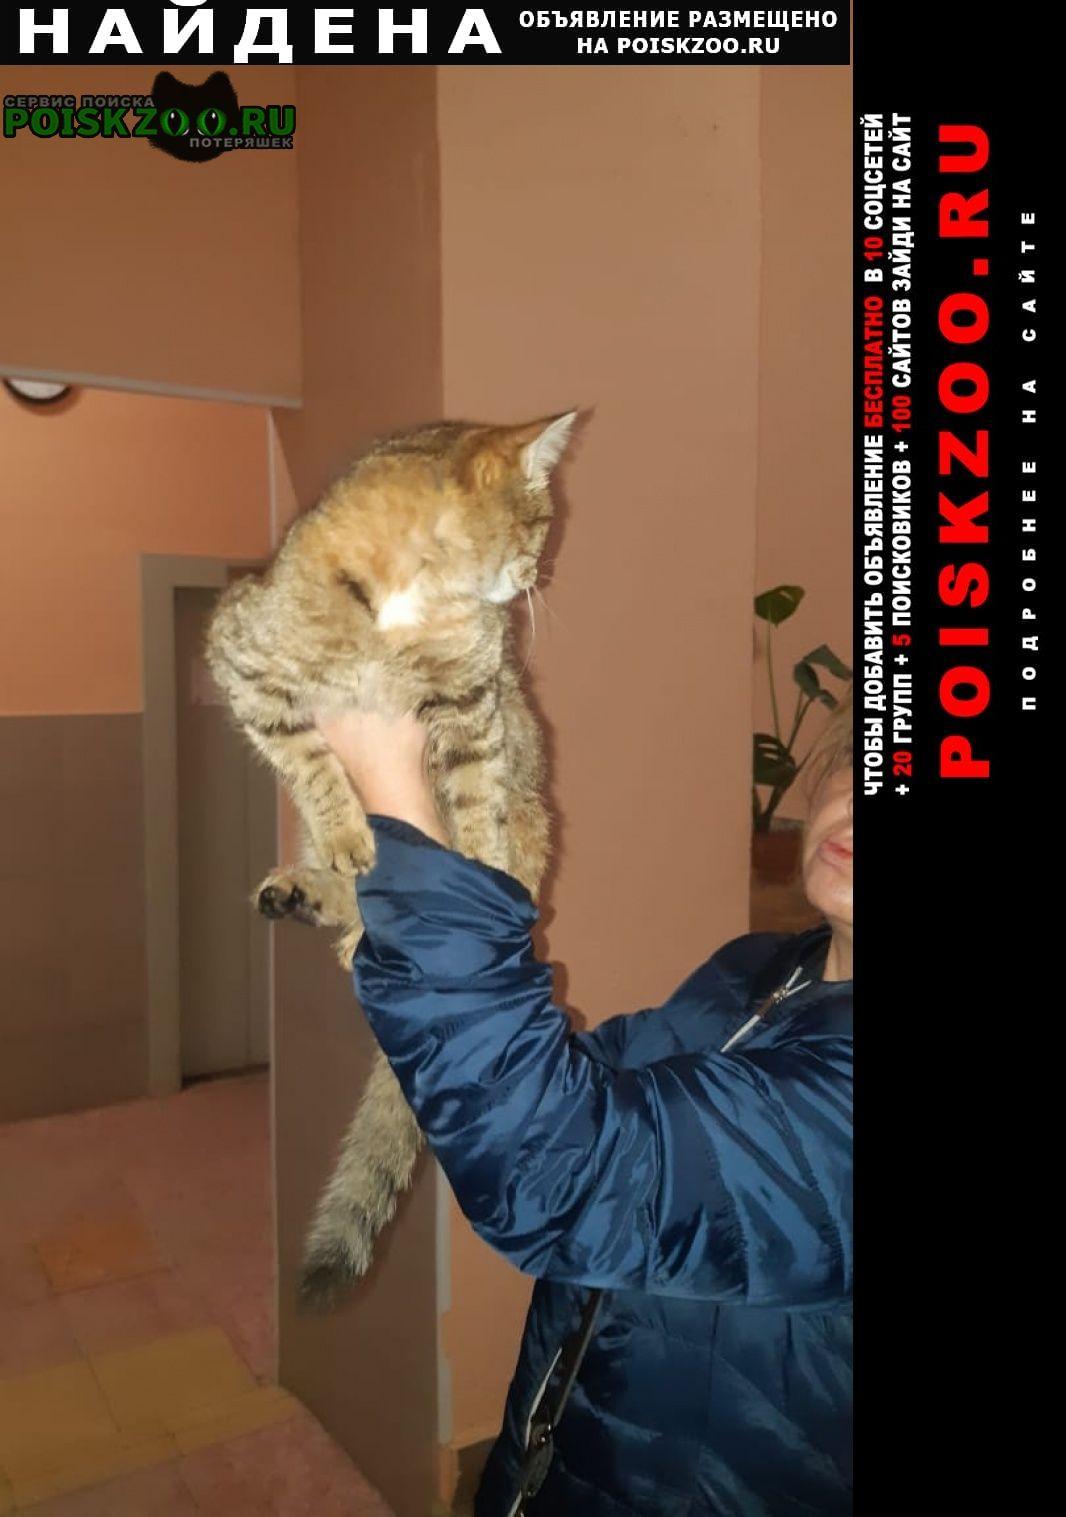 Найдена кошка явно домашняя, потерялась недавно Железнодорожный (Московск.)